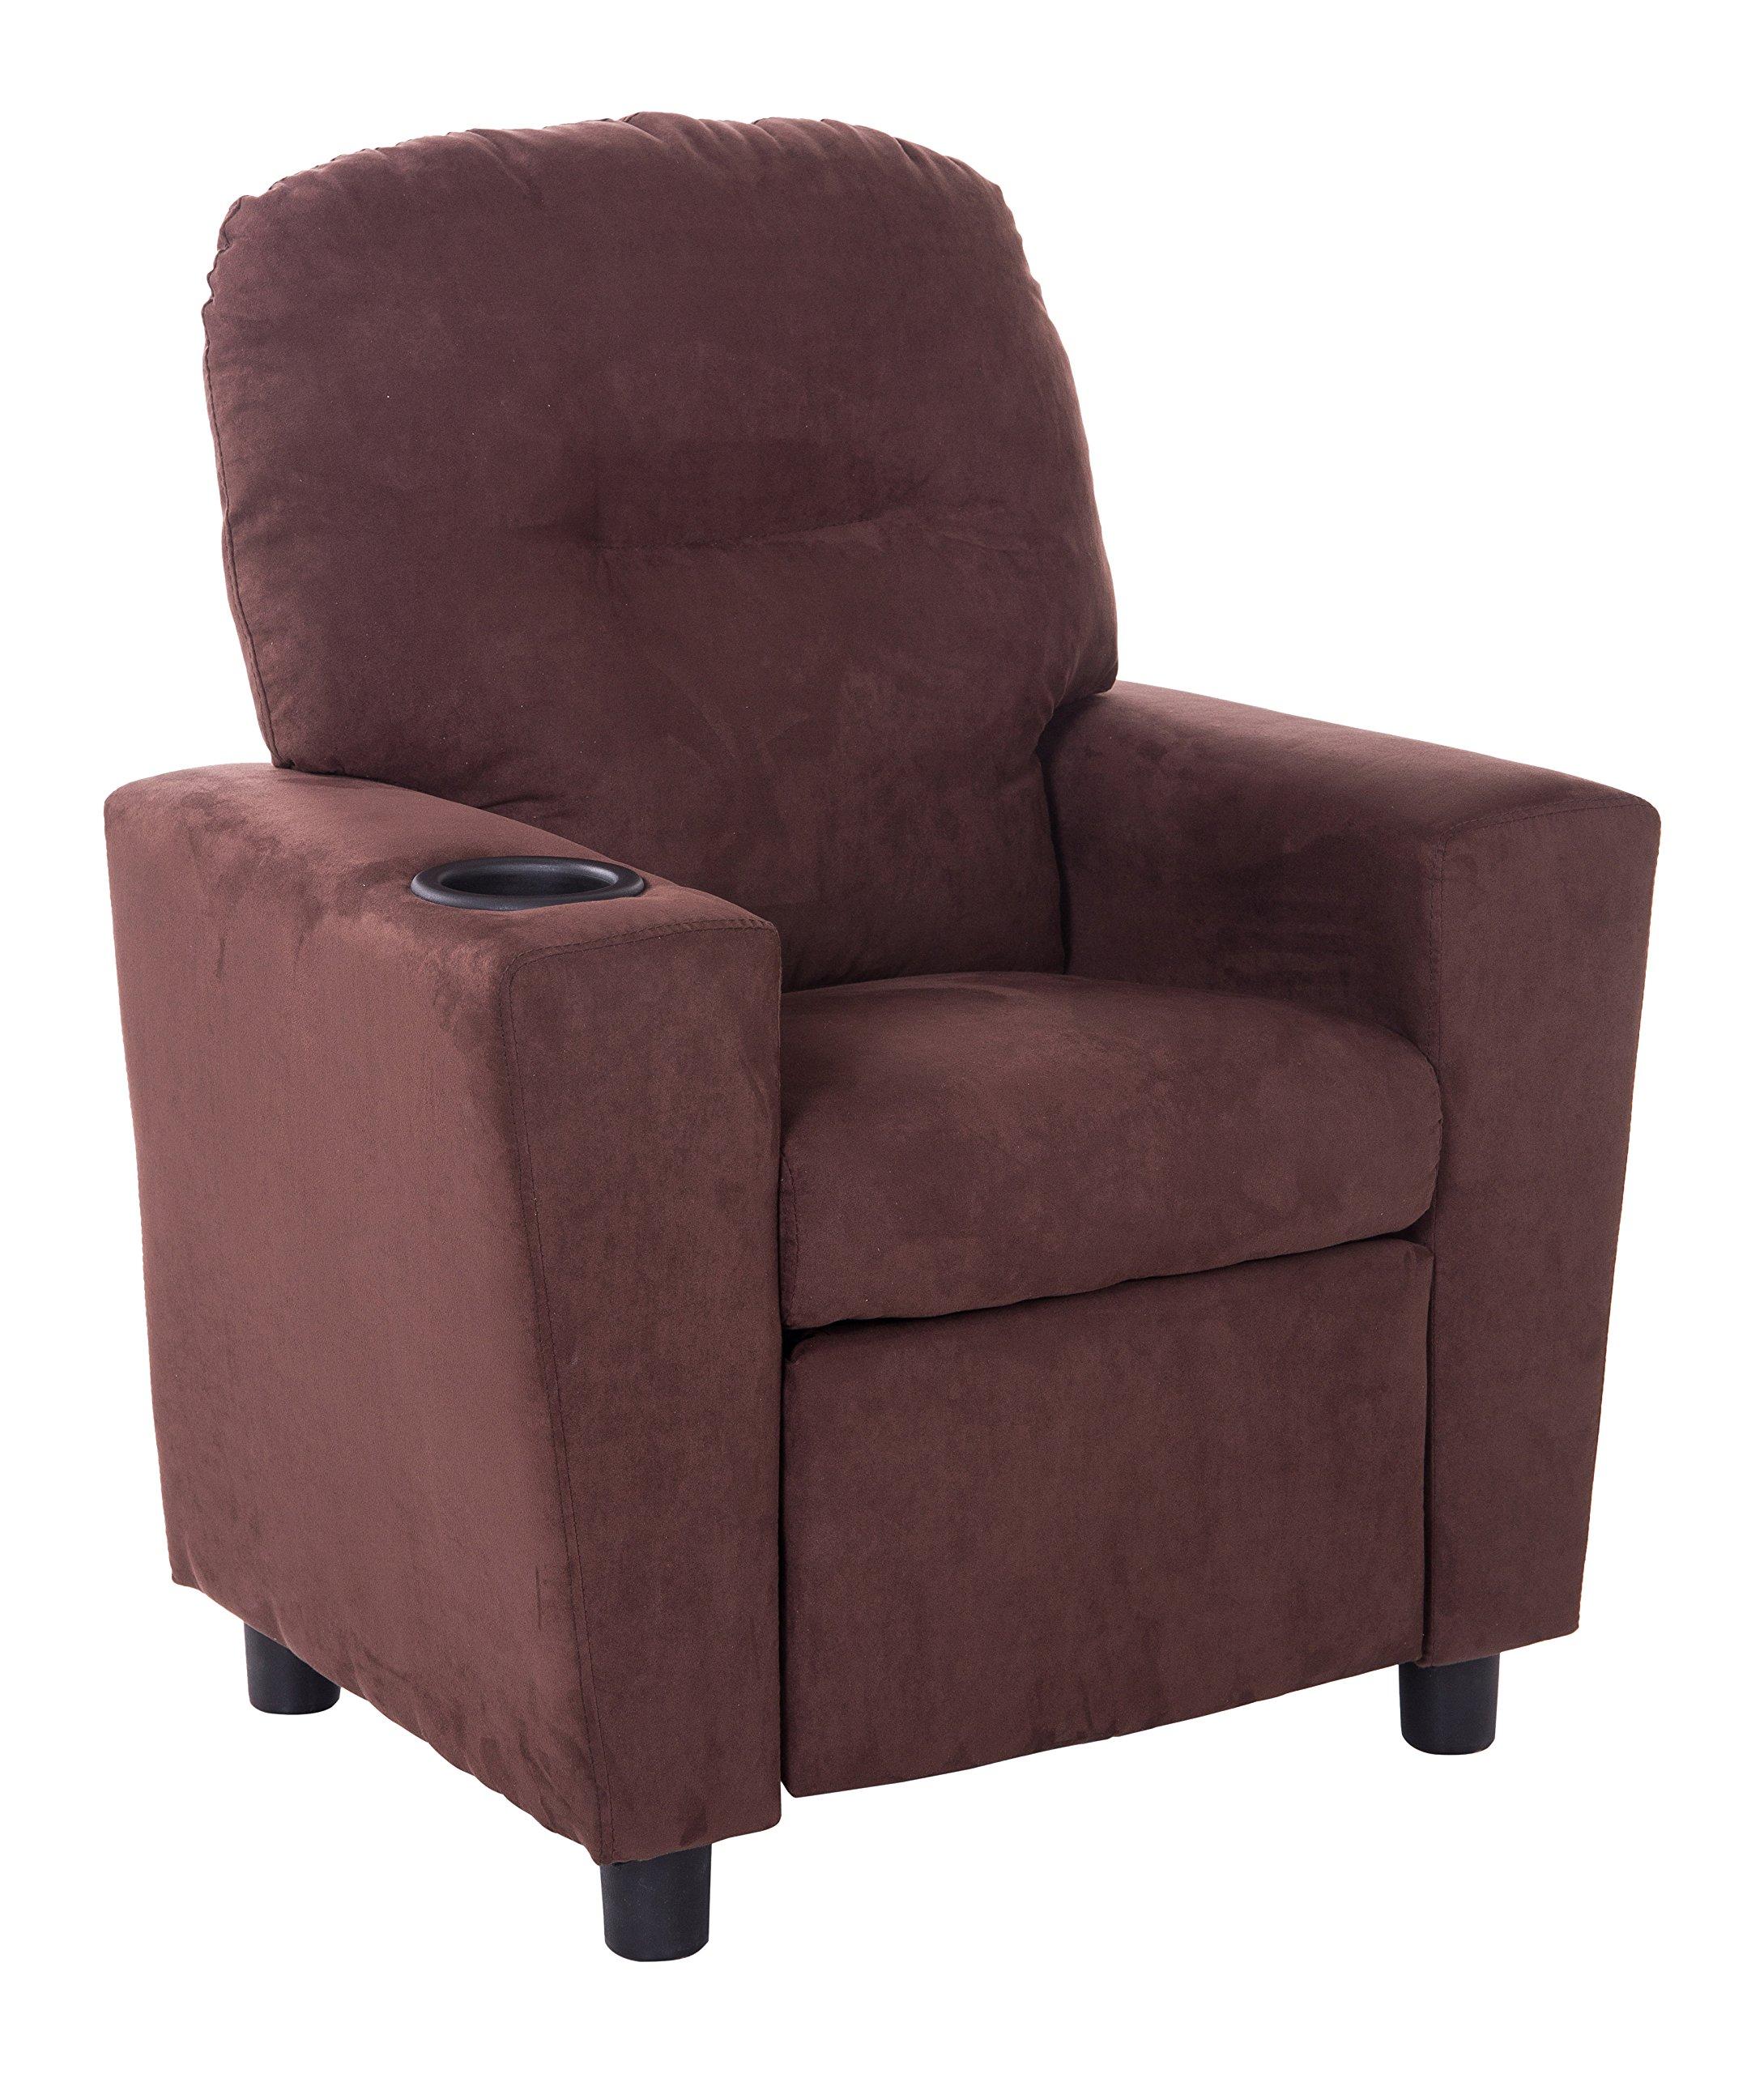 Mochi Furniture KR2002BRN Microfiber Kids Recliner with Cup Holder, Brown